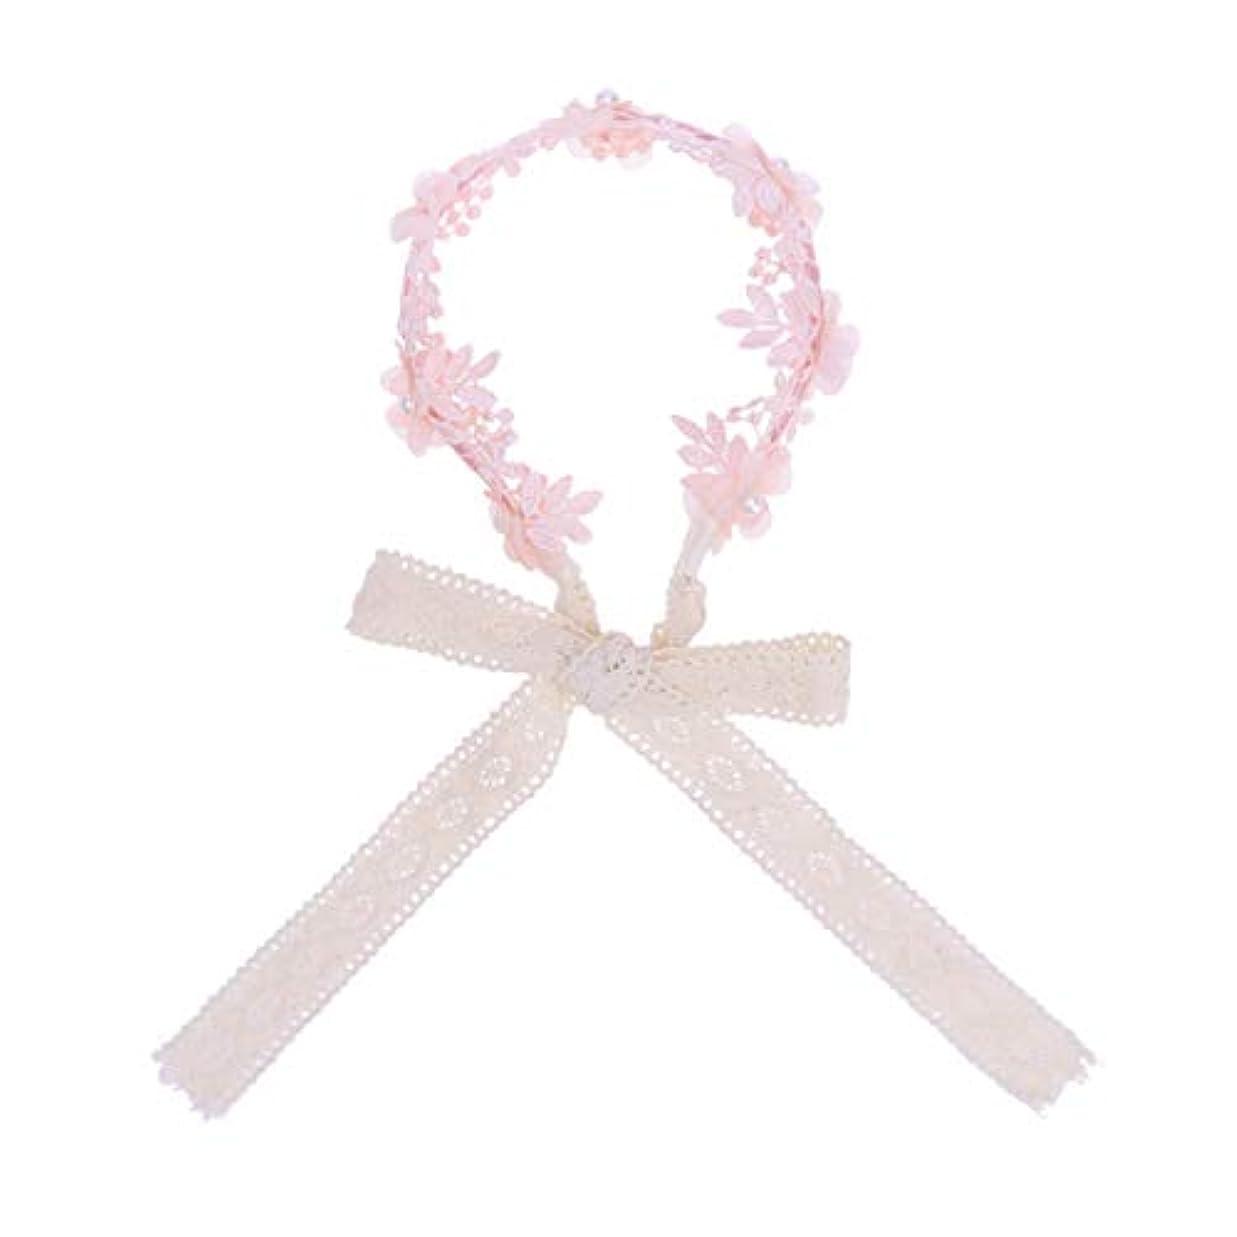 信頼できるうるさい繁雑Lurrose 女の子ヘアフープアクセサリーヘアバンドリボン帽子小道具デコレーション(ピンク)